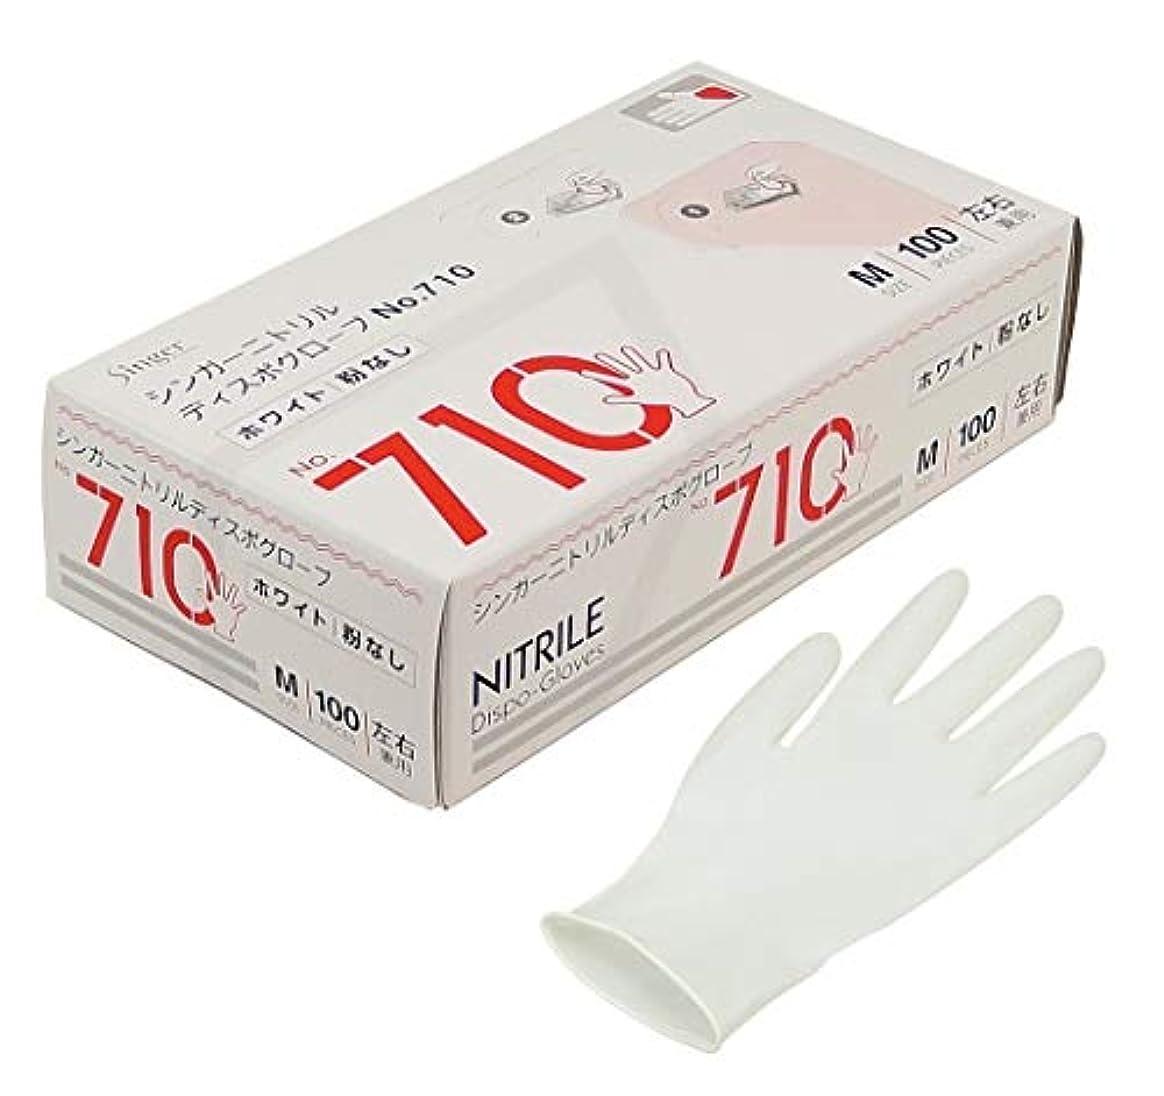 エスカレートグラフ私たちのシンガー ニトリルディスポグローブ(手袋) No.710 ホワイト パウダーフリー(100枚) M